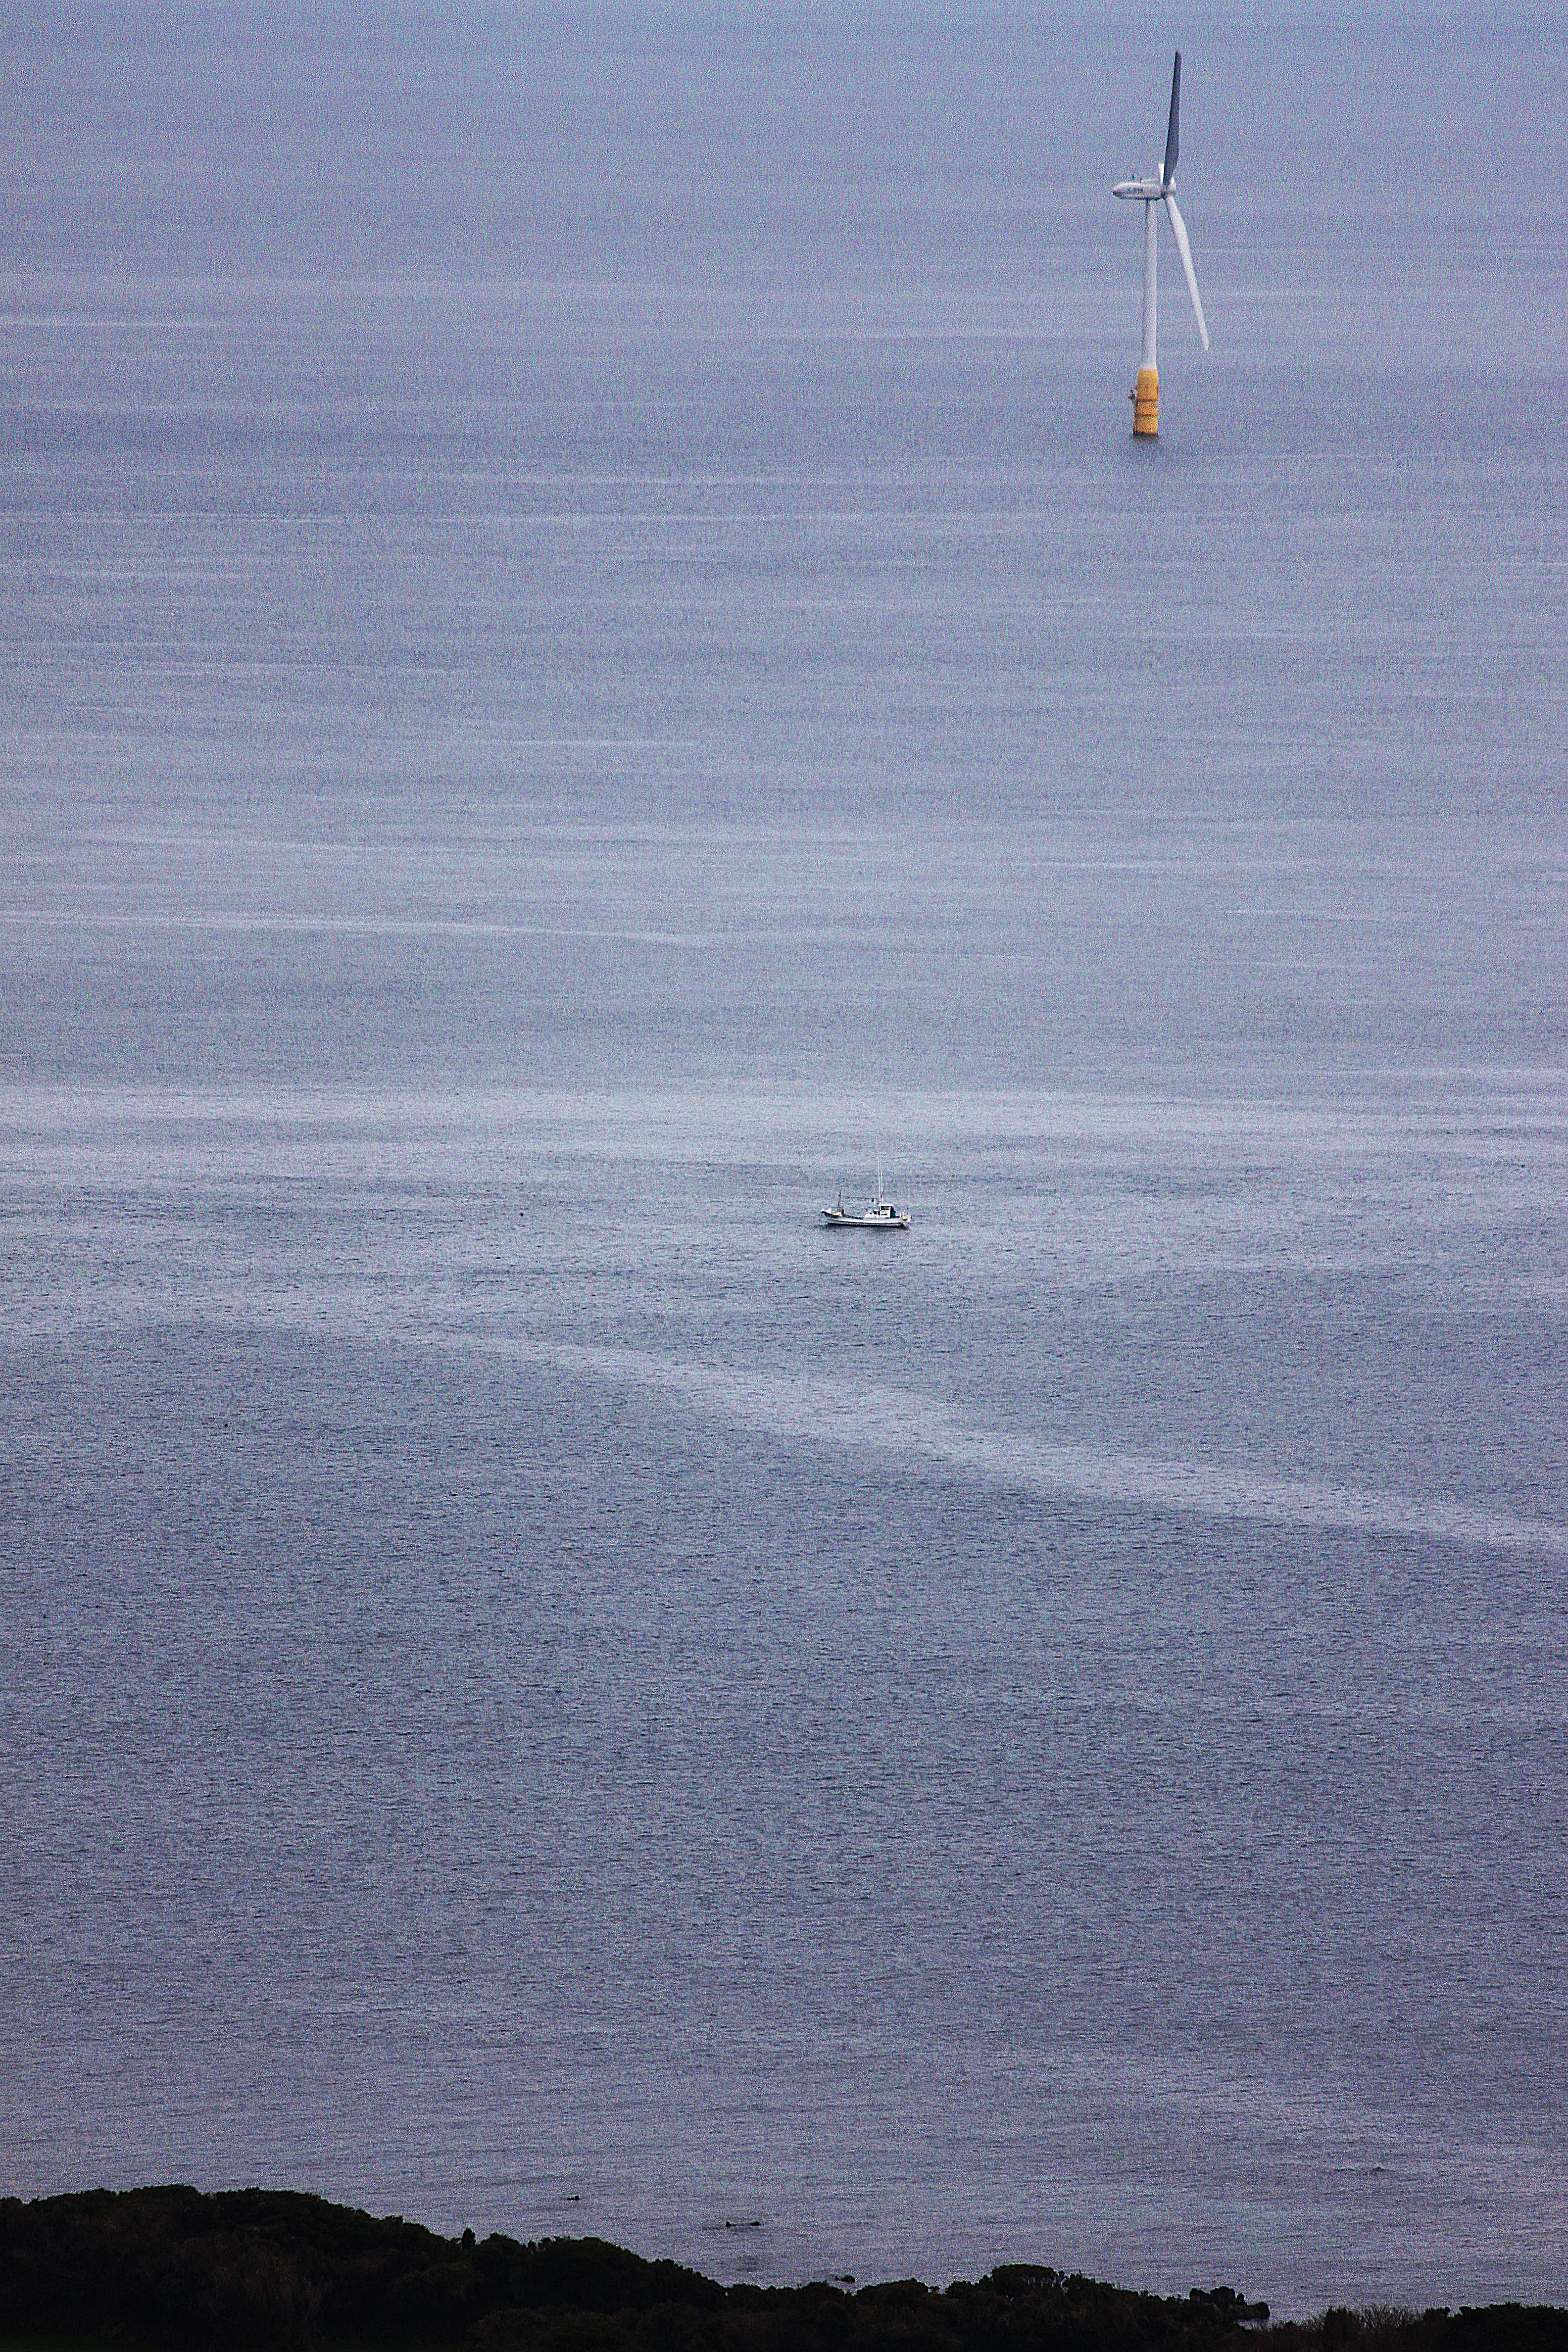 Goto Floating Offshore Wind Turbine (Sakiyama), Beach, Floating, Japan, Ocean, HQ Photo